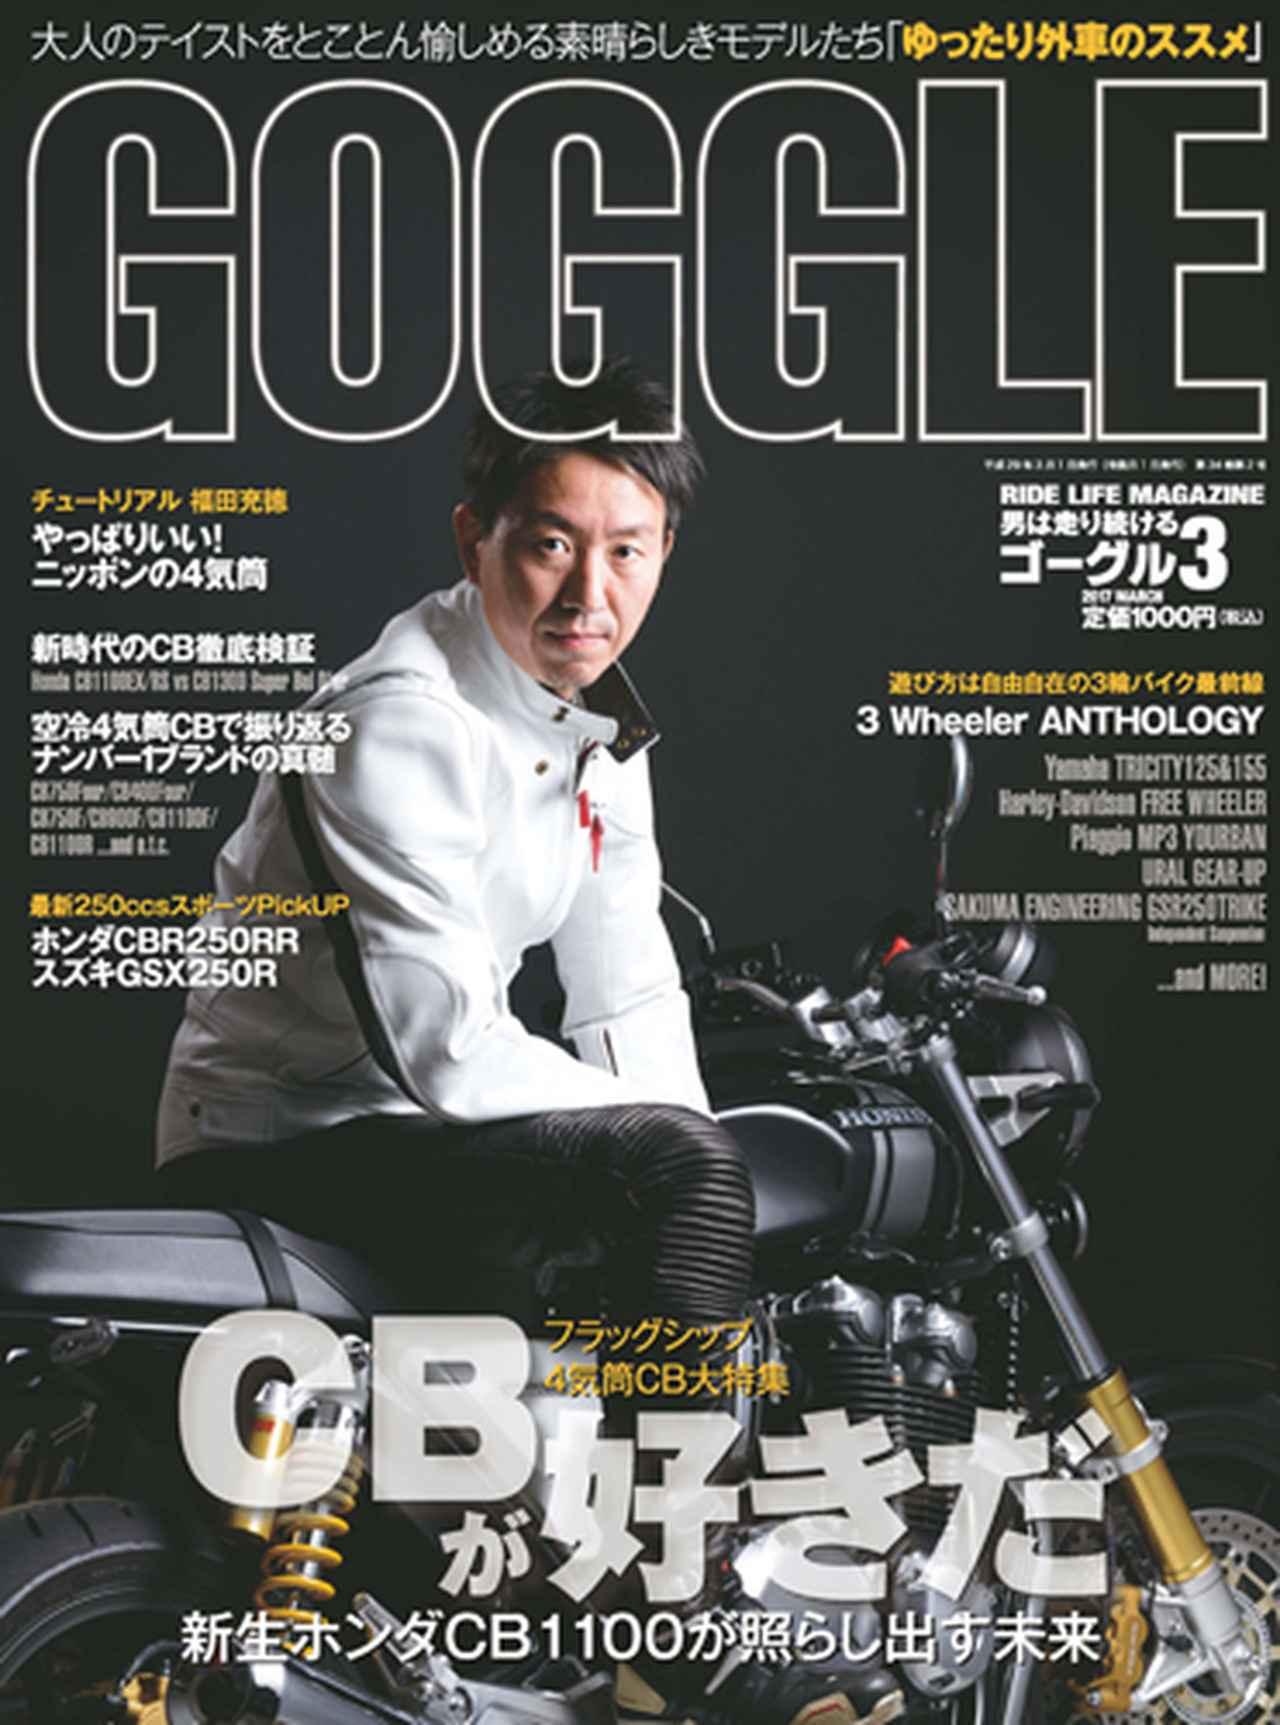 画像: Motor Magazine Ltd. / モーターマガジン社 / GOGGLE 2017年 3月号